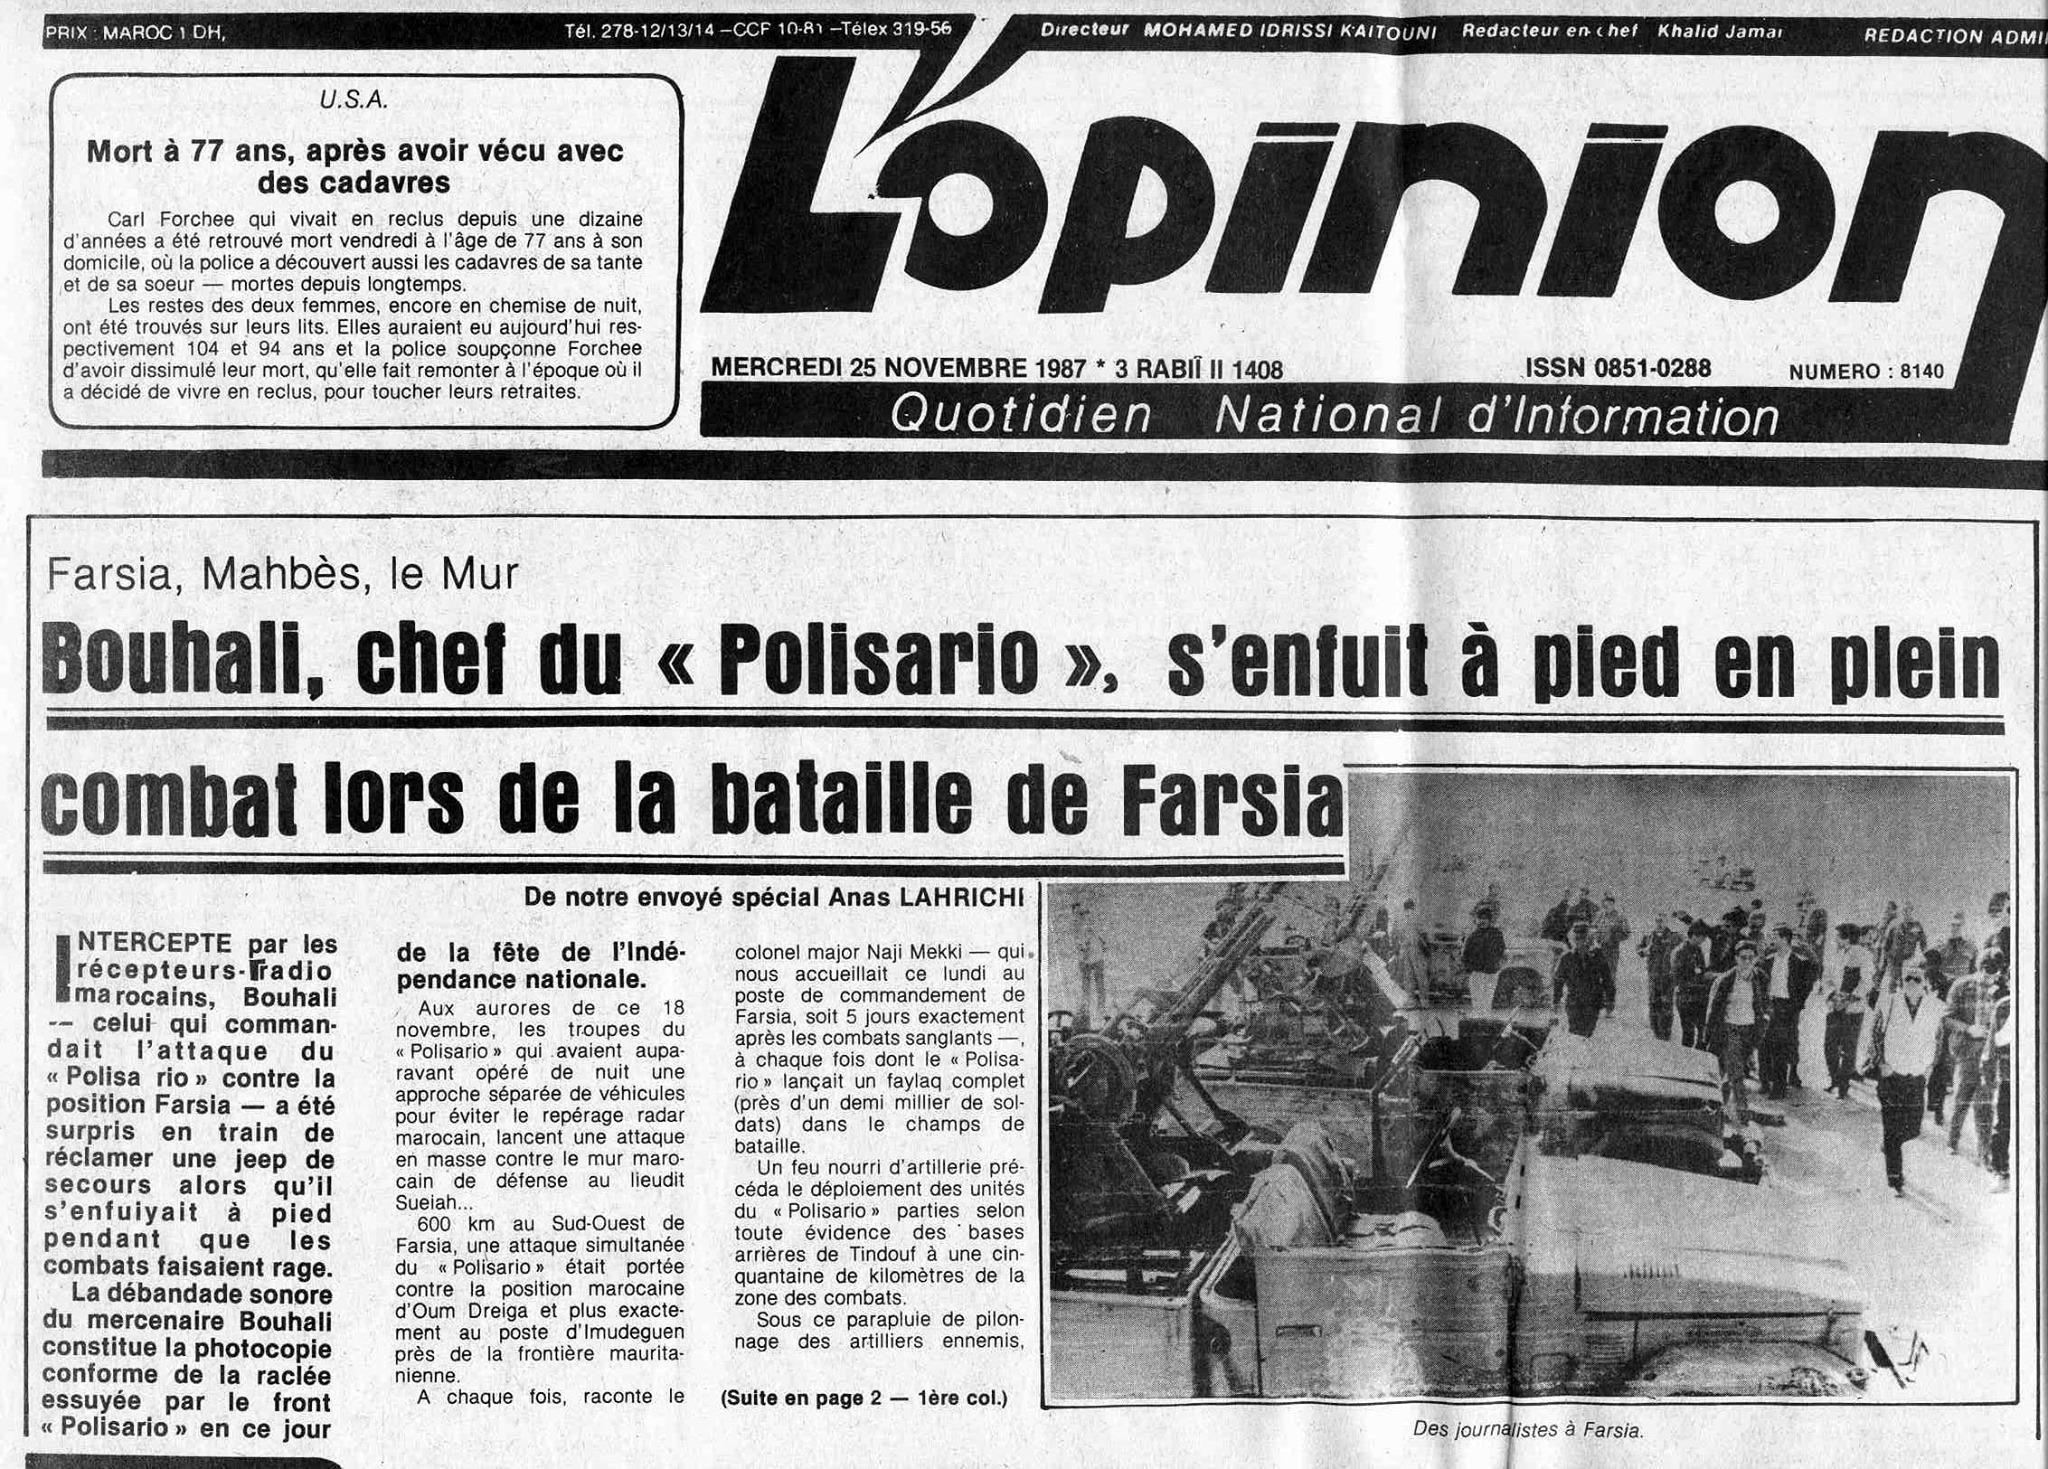 La Bataille de Farsia - 18 novembre 1987 - Page 2 50614975758_488c9cbcfc_o_d